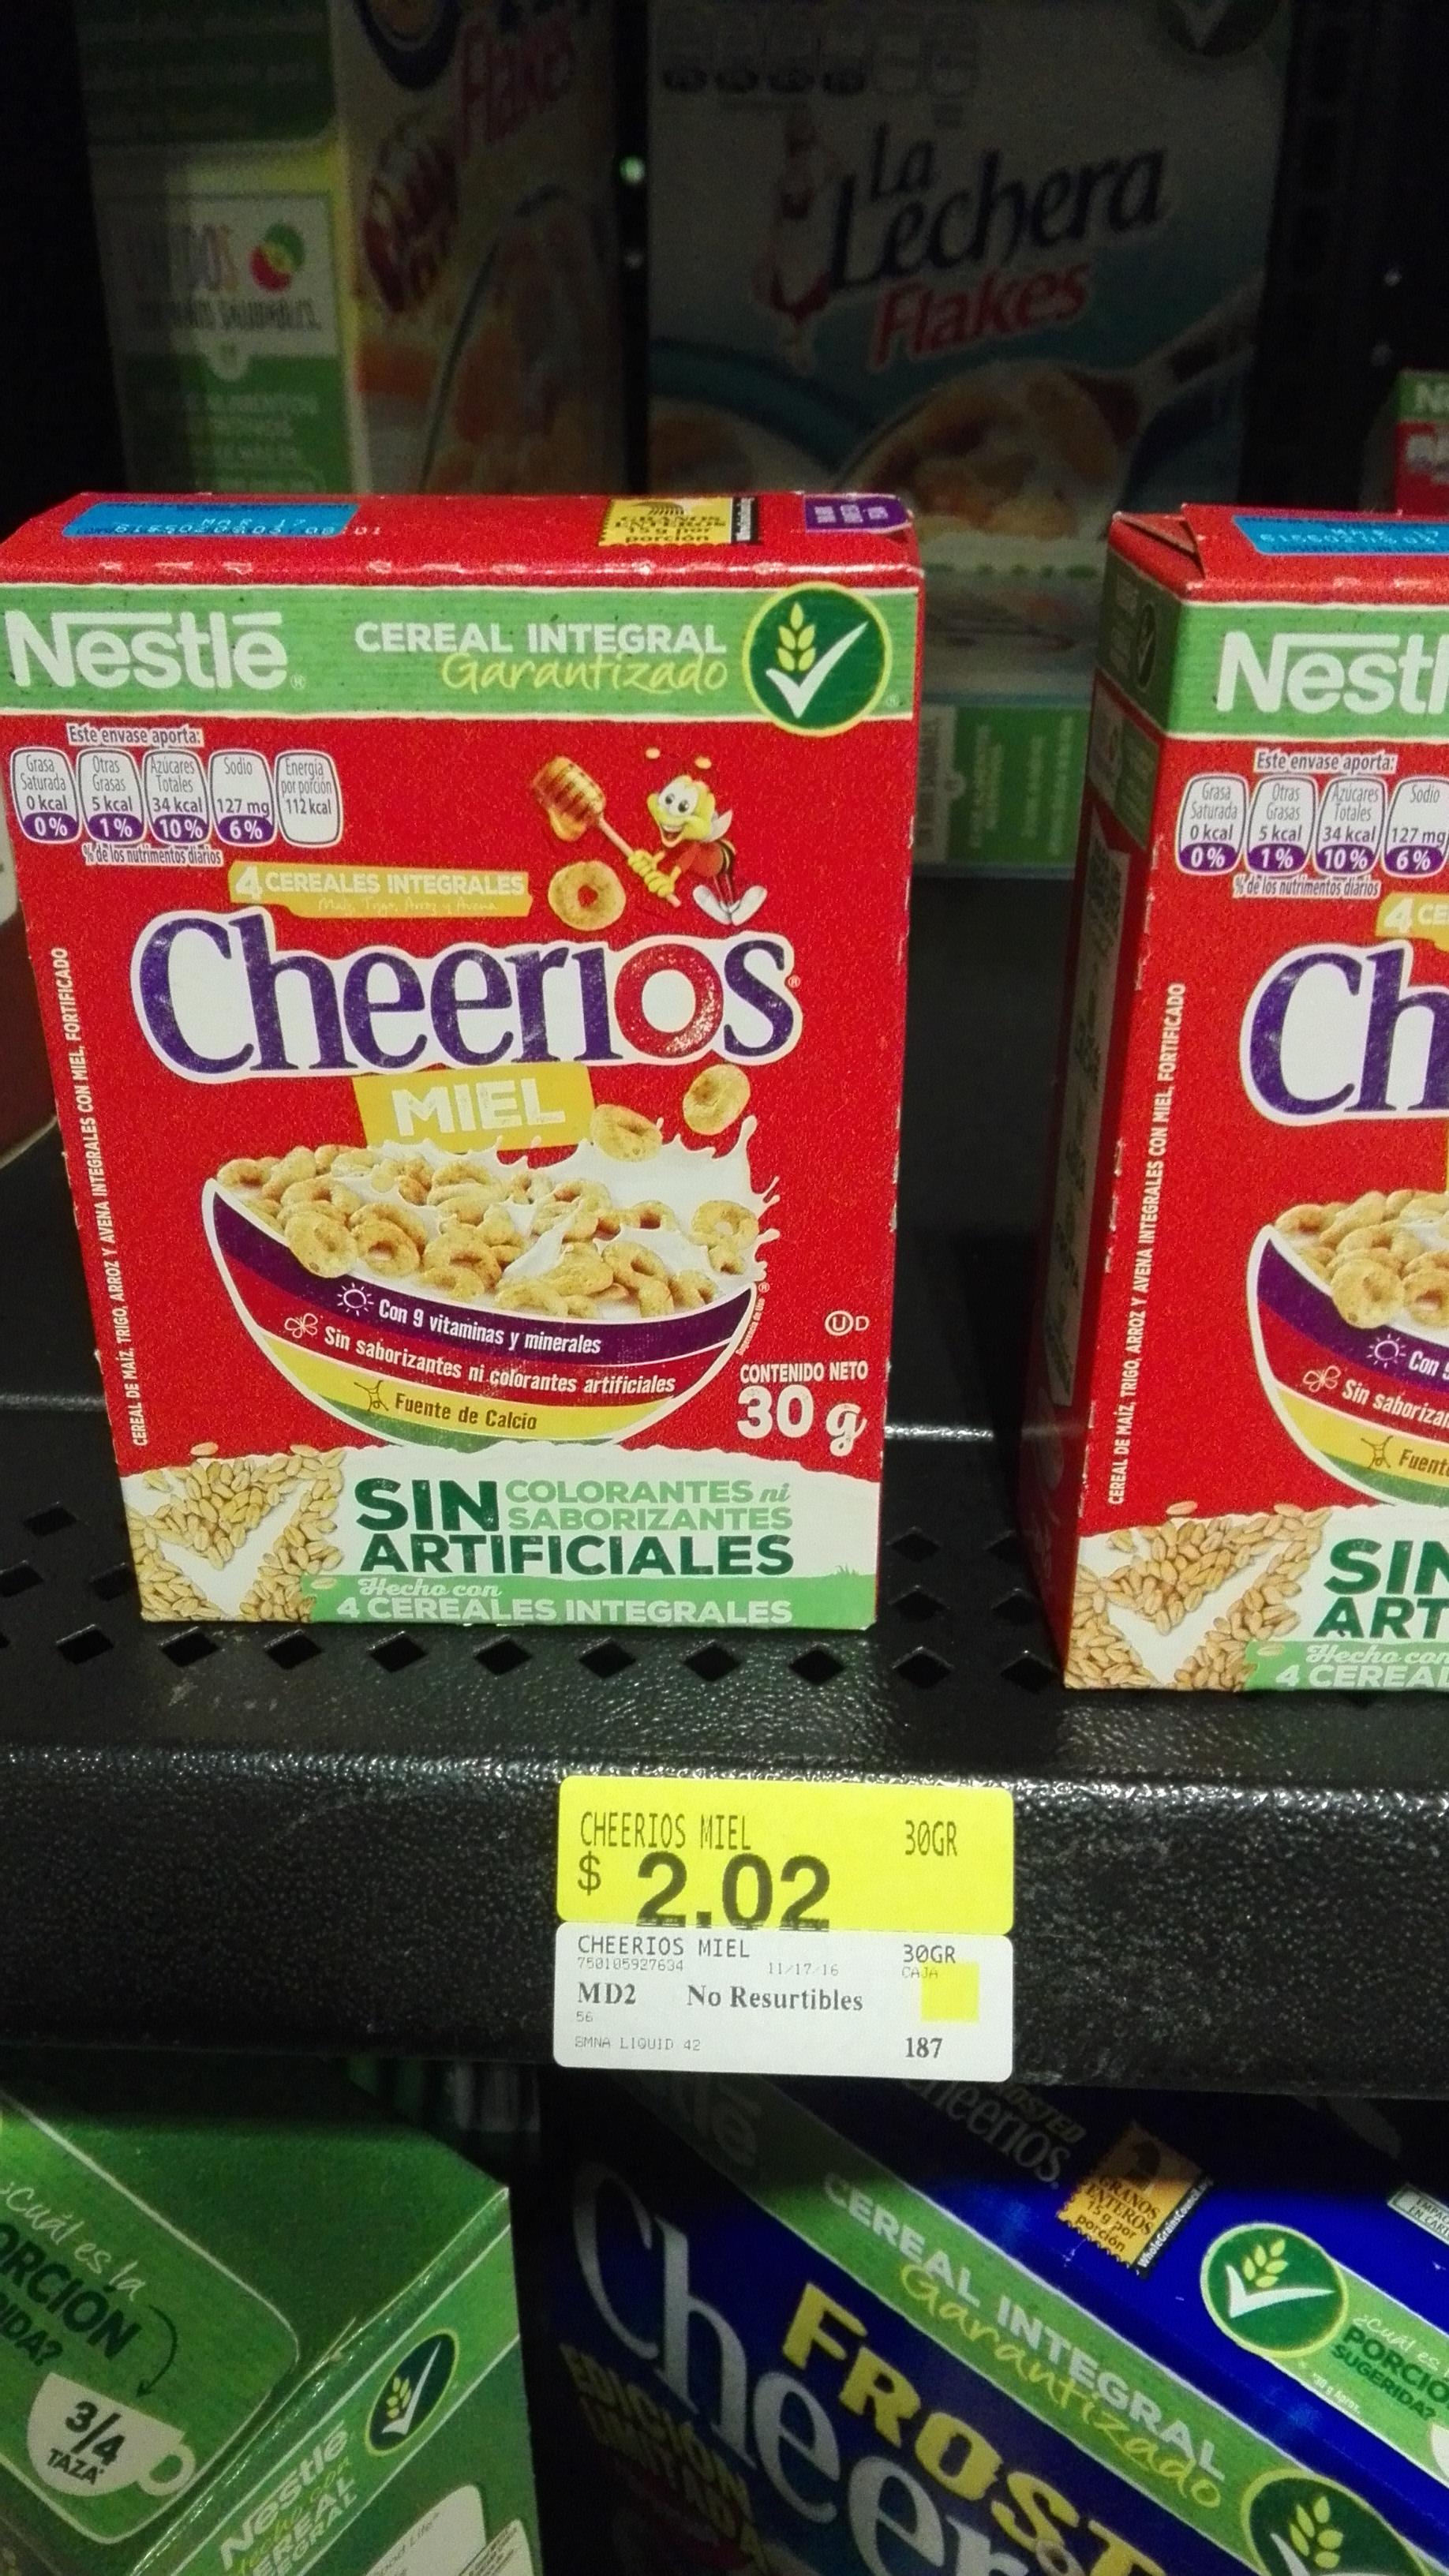 Walmart Cuemanco: Cheerios miel de 30 gr a $2.02